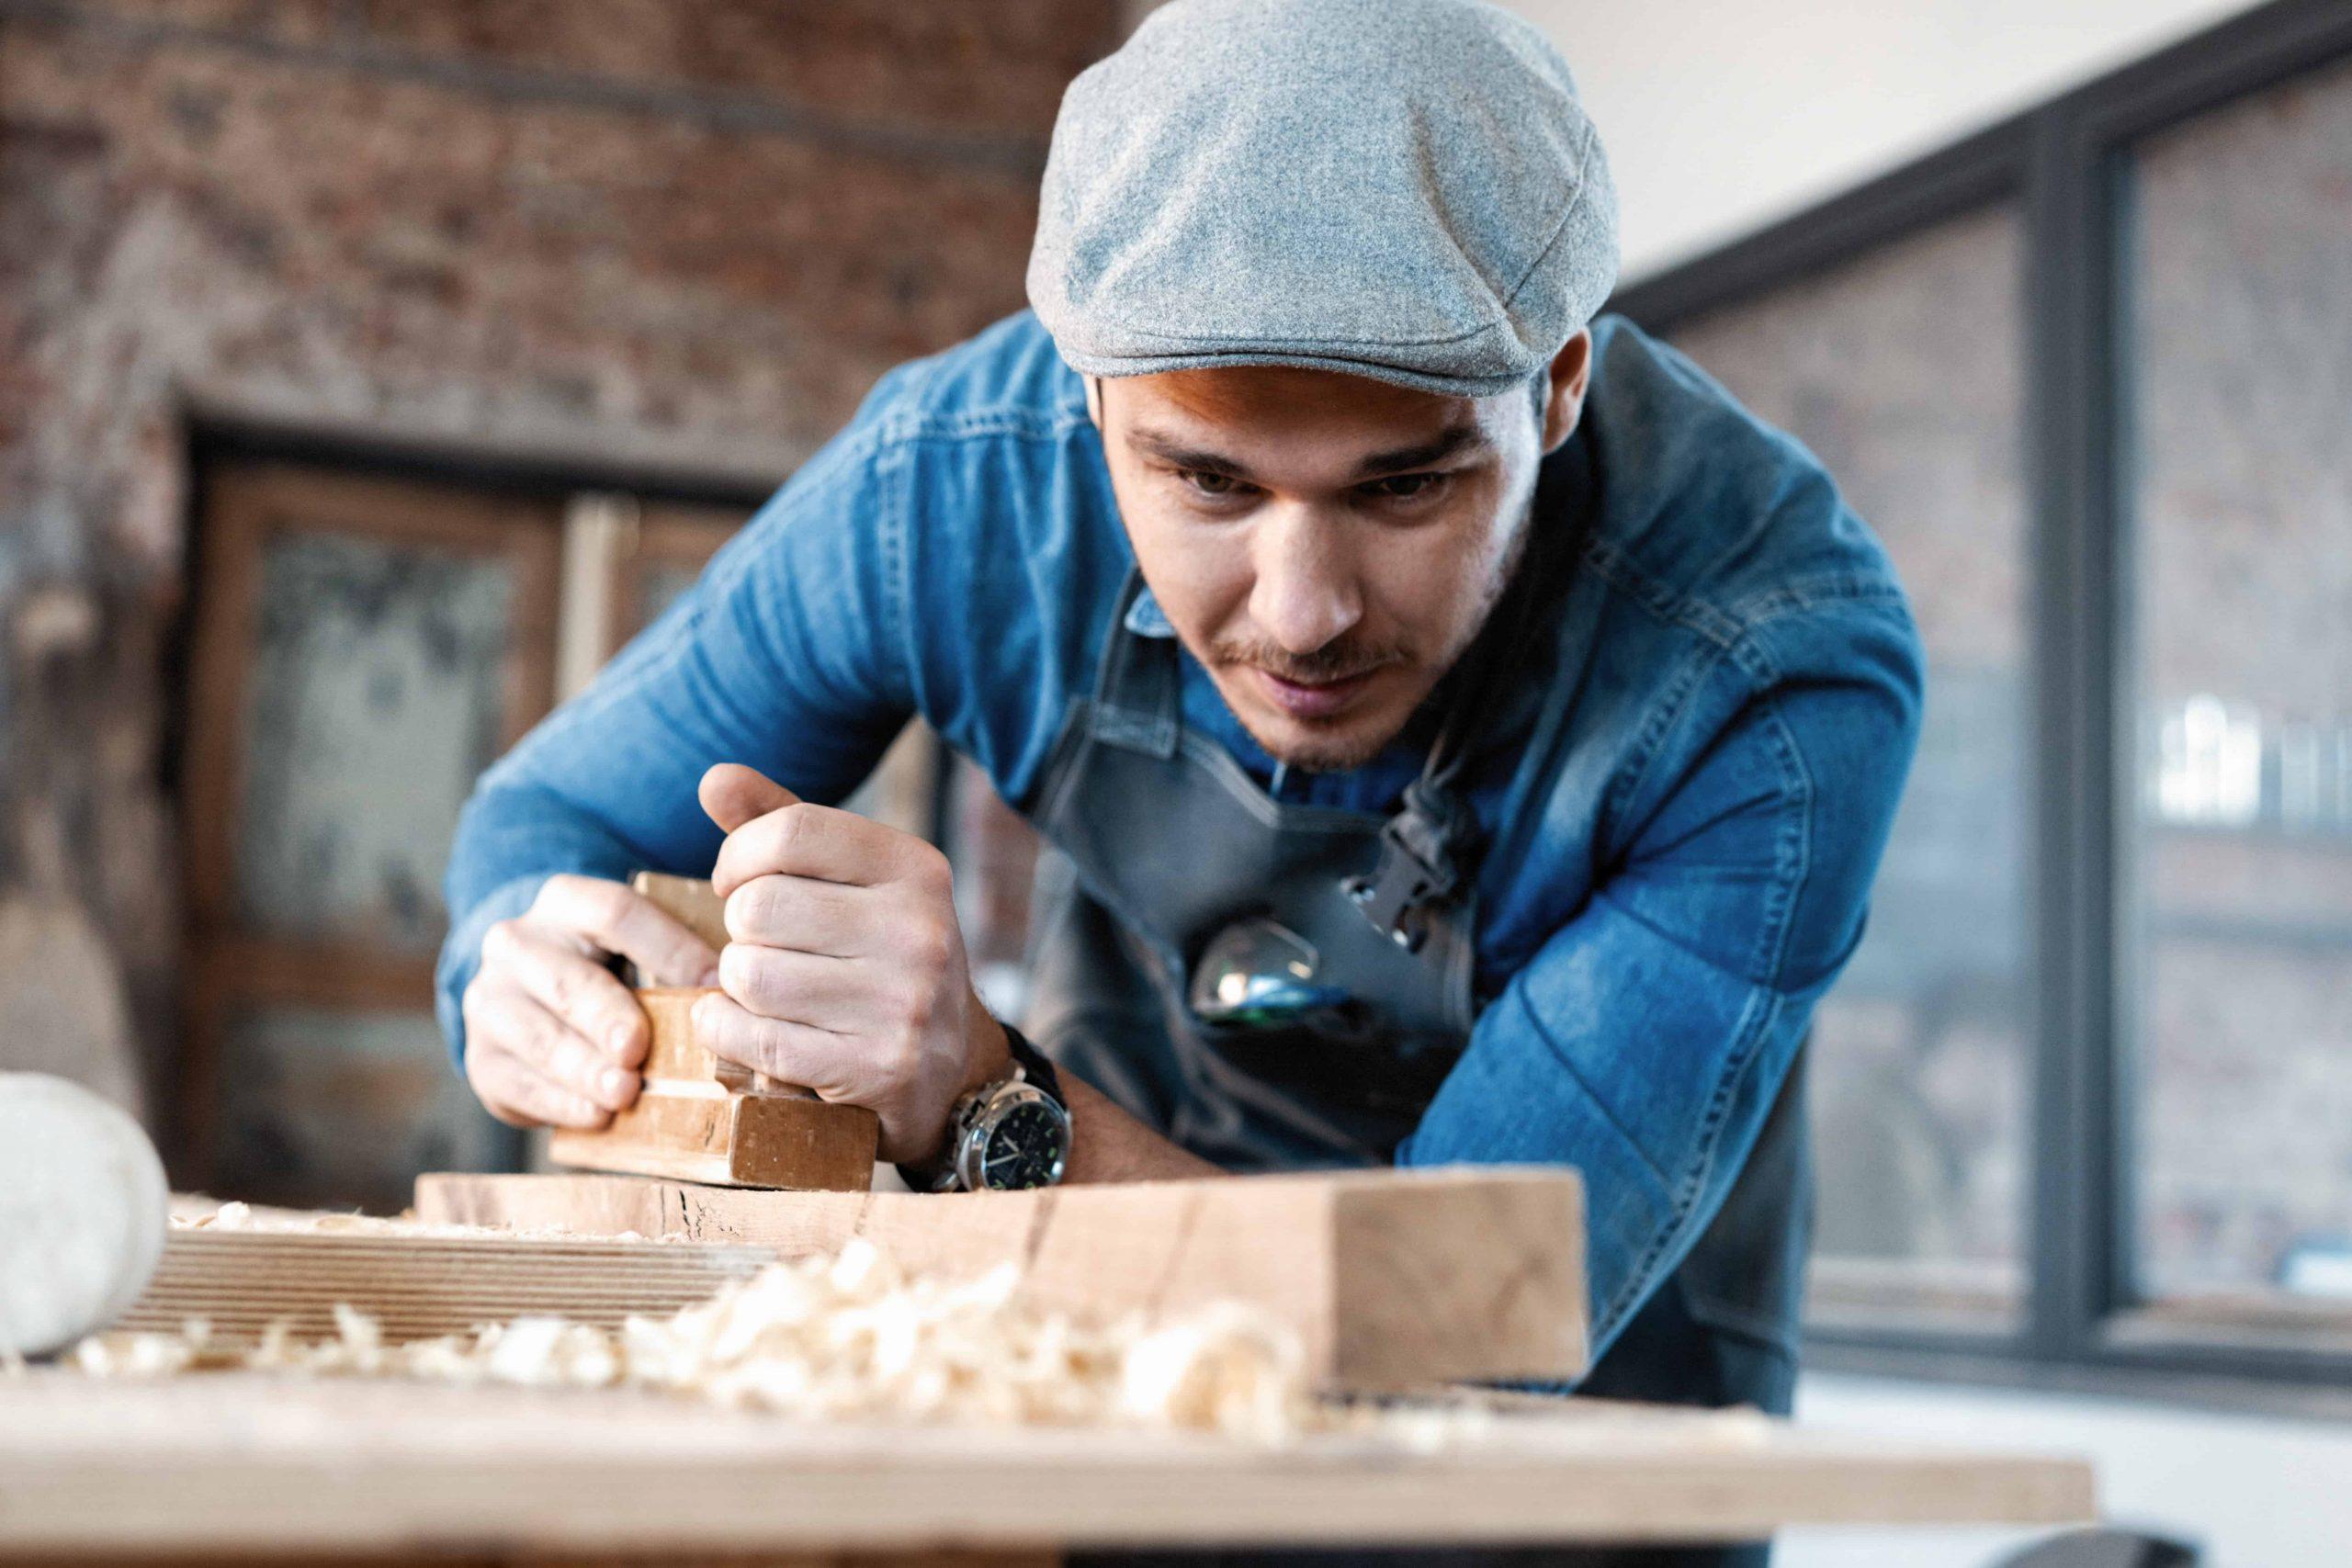 Holz schleifen – 8 Tipps für den perfekten Holzschliff